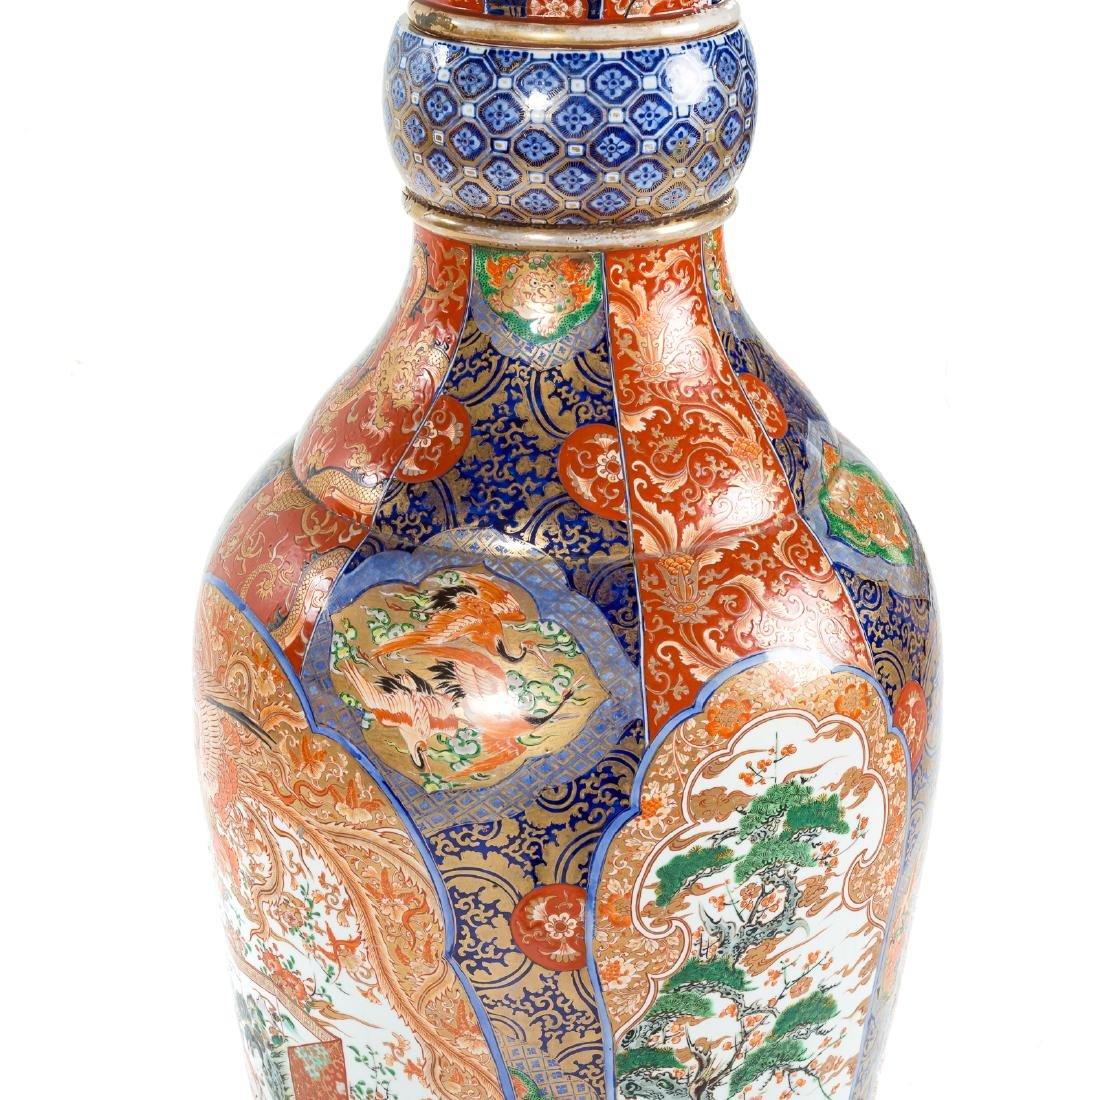 Japanese Imari porcelain monumental palace vase - 4